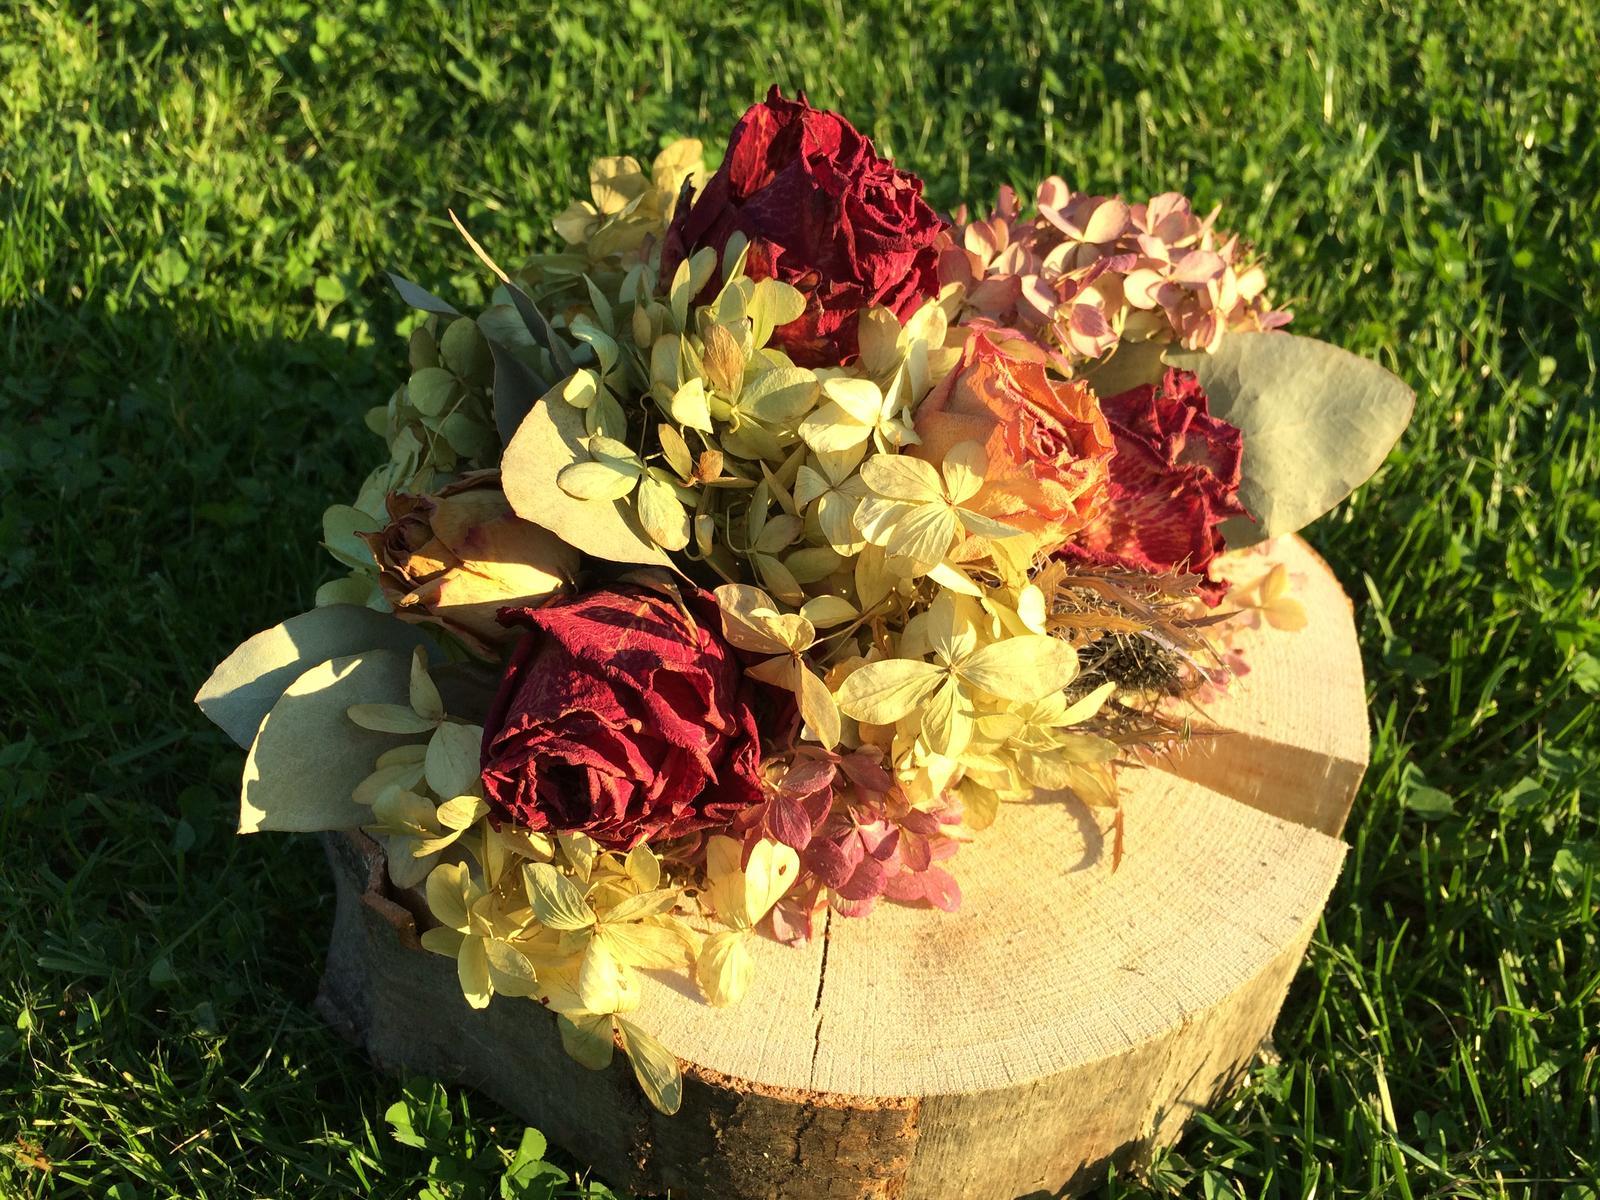 Dekorace z květin Pro radost - Obrázek č. 155